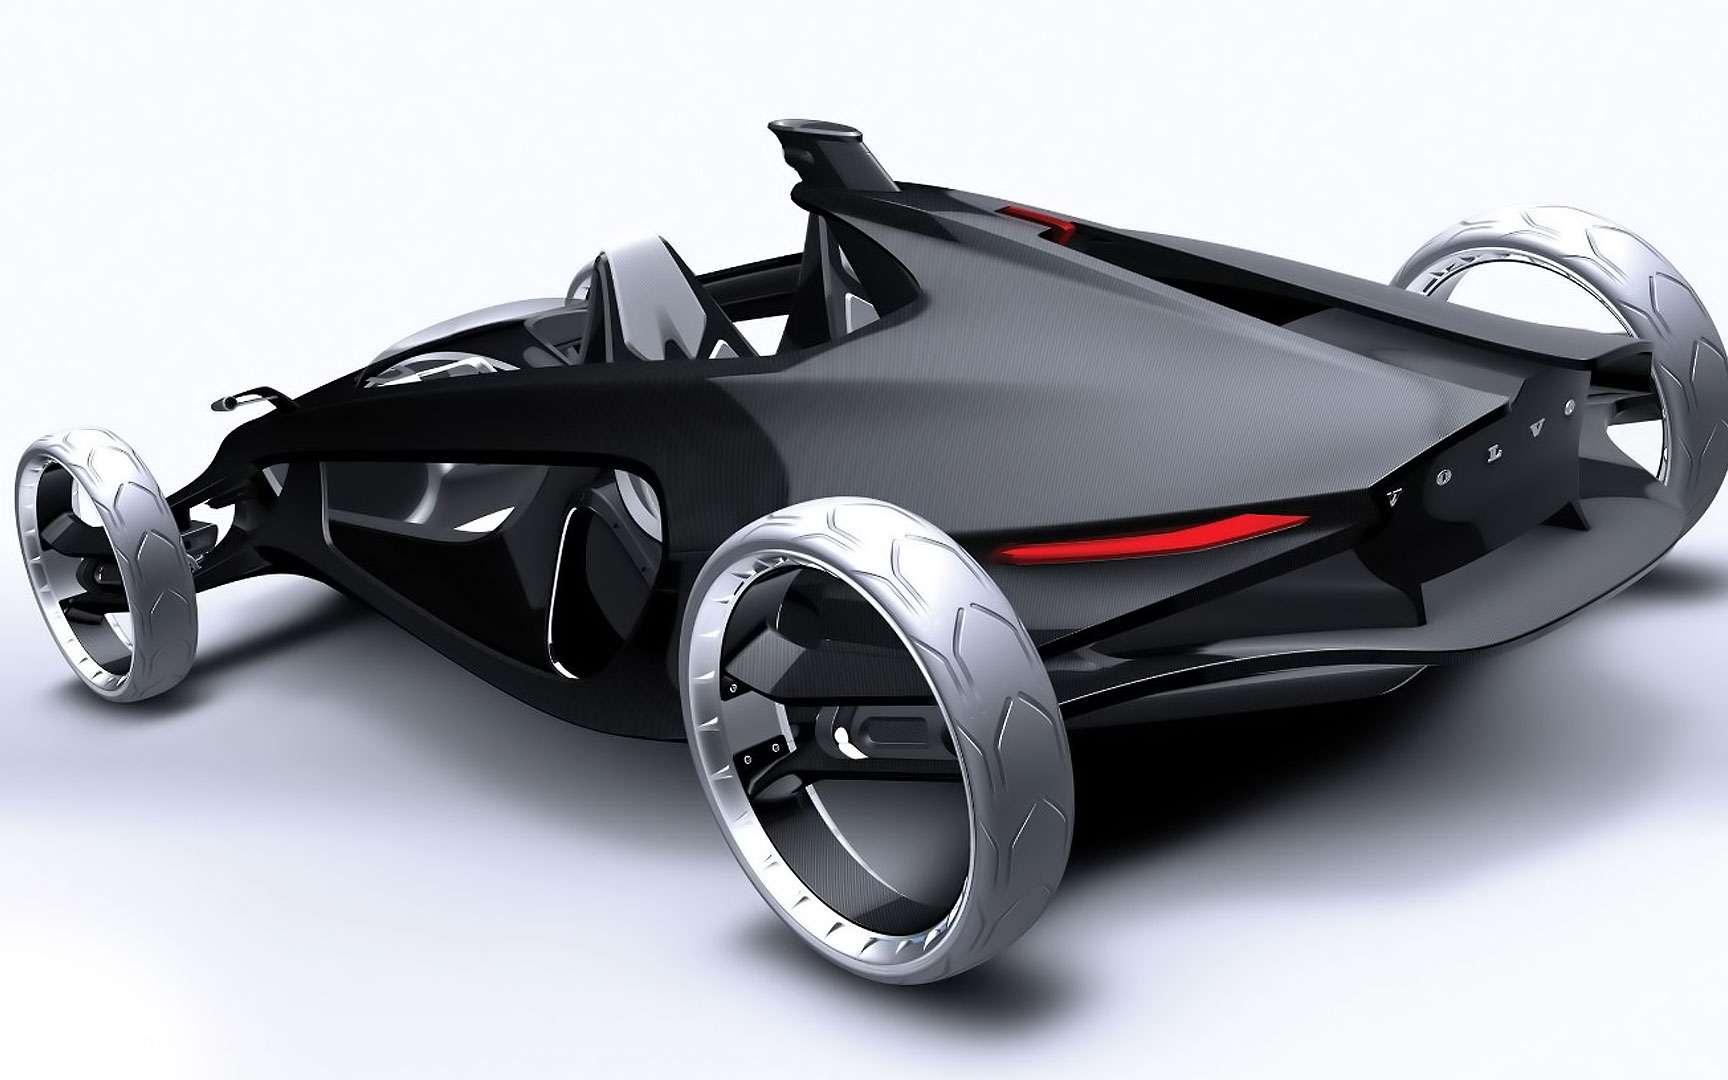 La Volvo Air Motion. La Volvo Air Motion se veut plus légère qu'une monoplace de Formule 1. Elle a aussi recourt à la fibre de carbone, et se dote d'un moteur à air comprimé. © Volvo